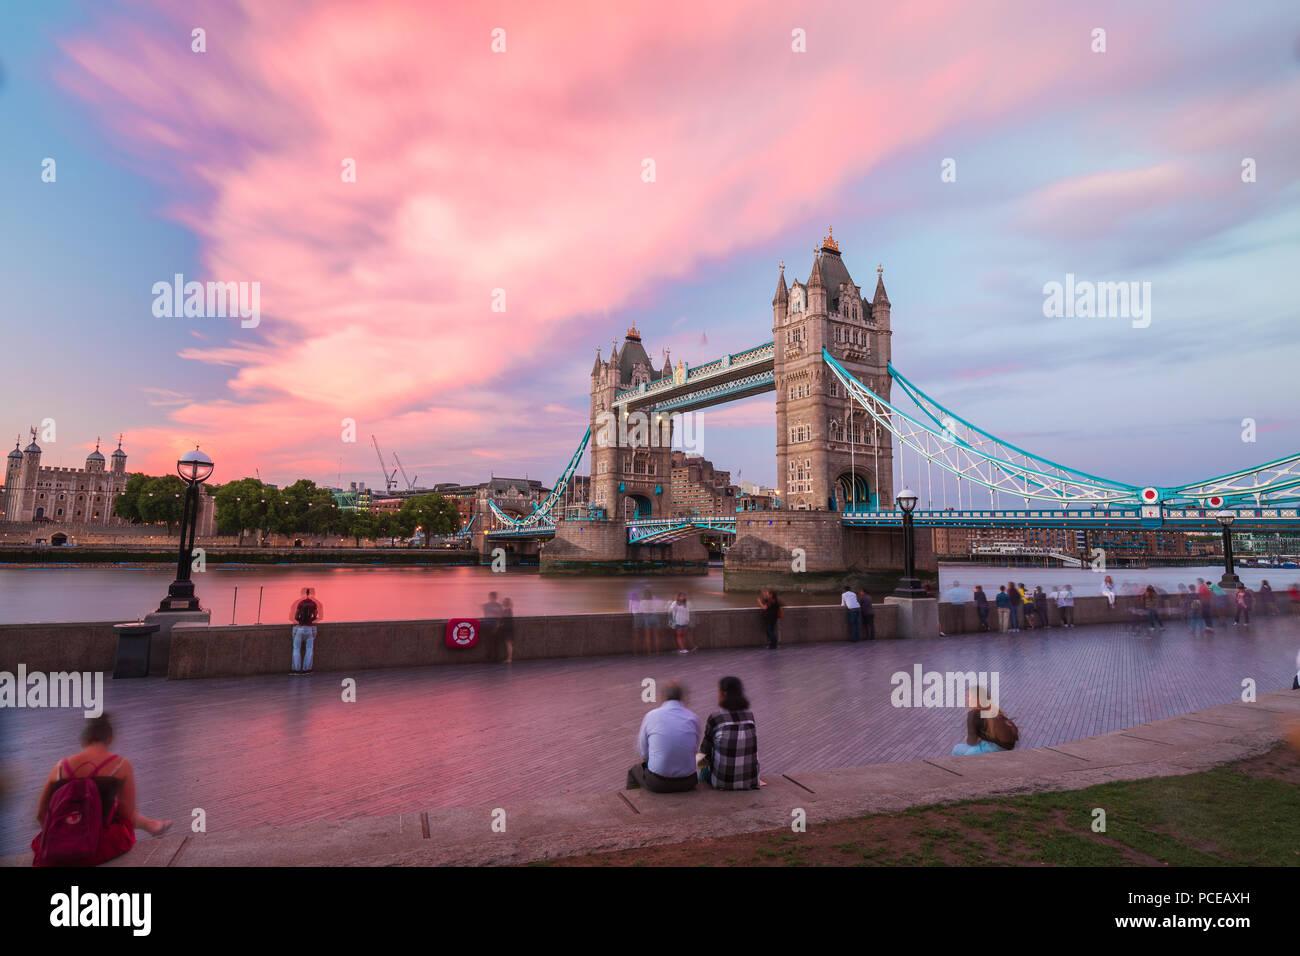 London, Royaume-Uni: le monde célèbre Tower Bridge tourné à partir de différents angles et prospective Photo Stock